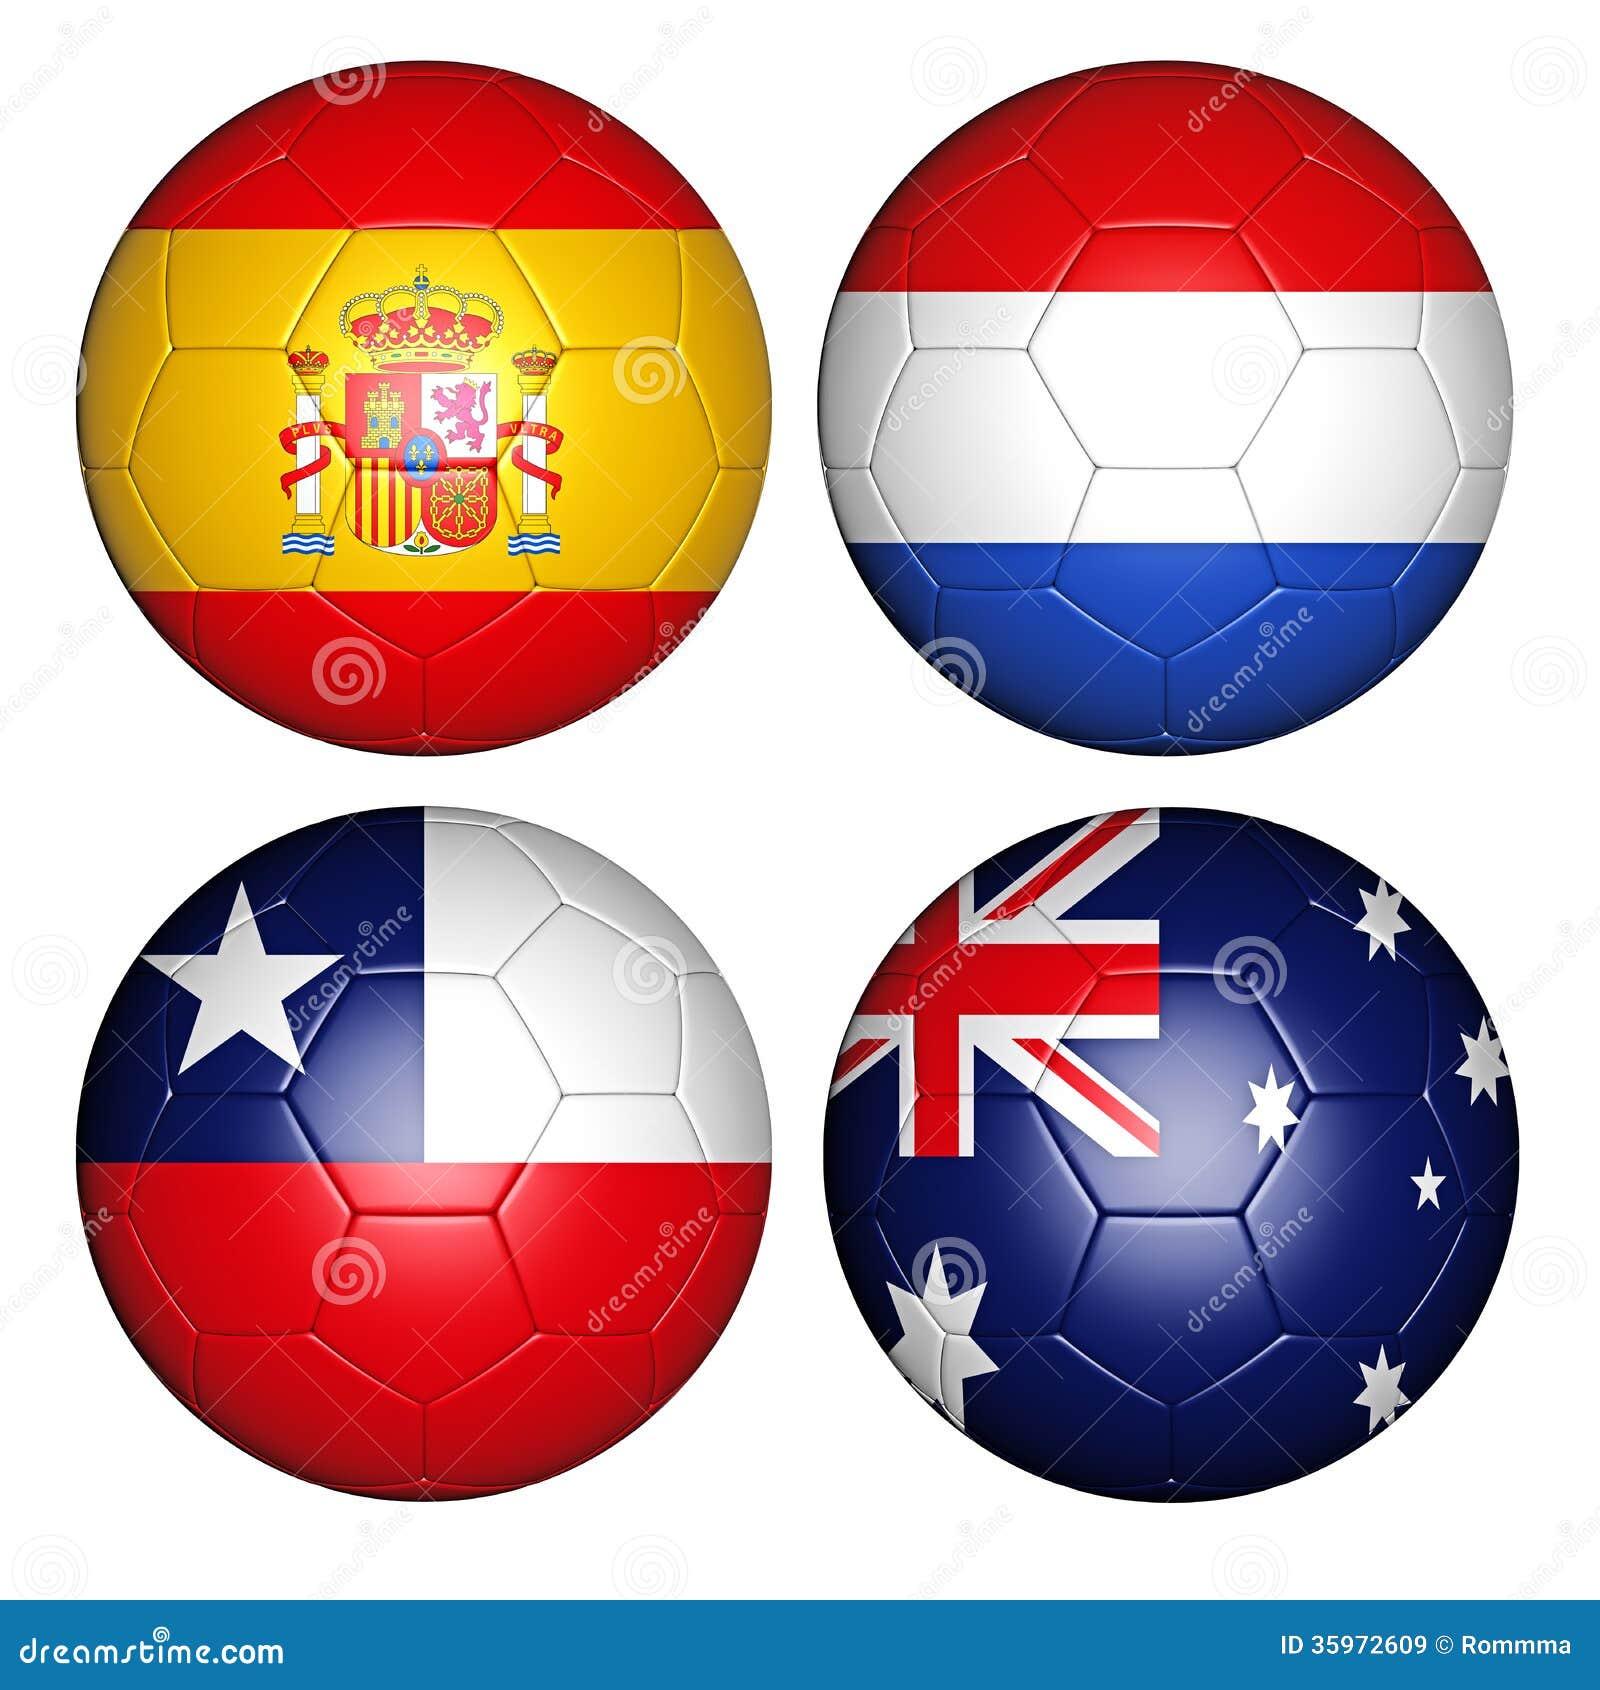 Groupe b de la coupe du monde 2014 images libres de droits image 35972609 - Groupes coupe du monde 2014 ...